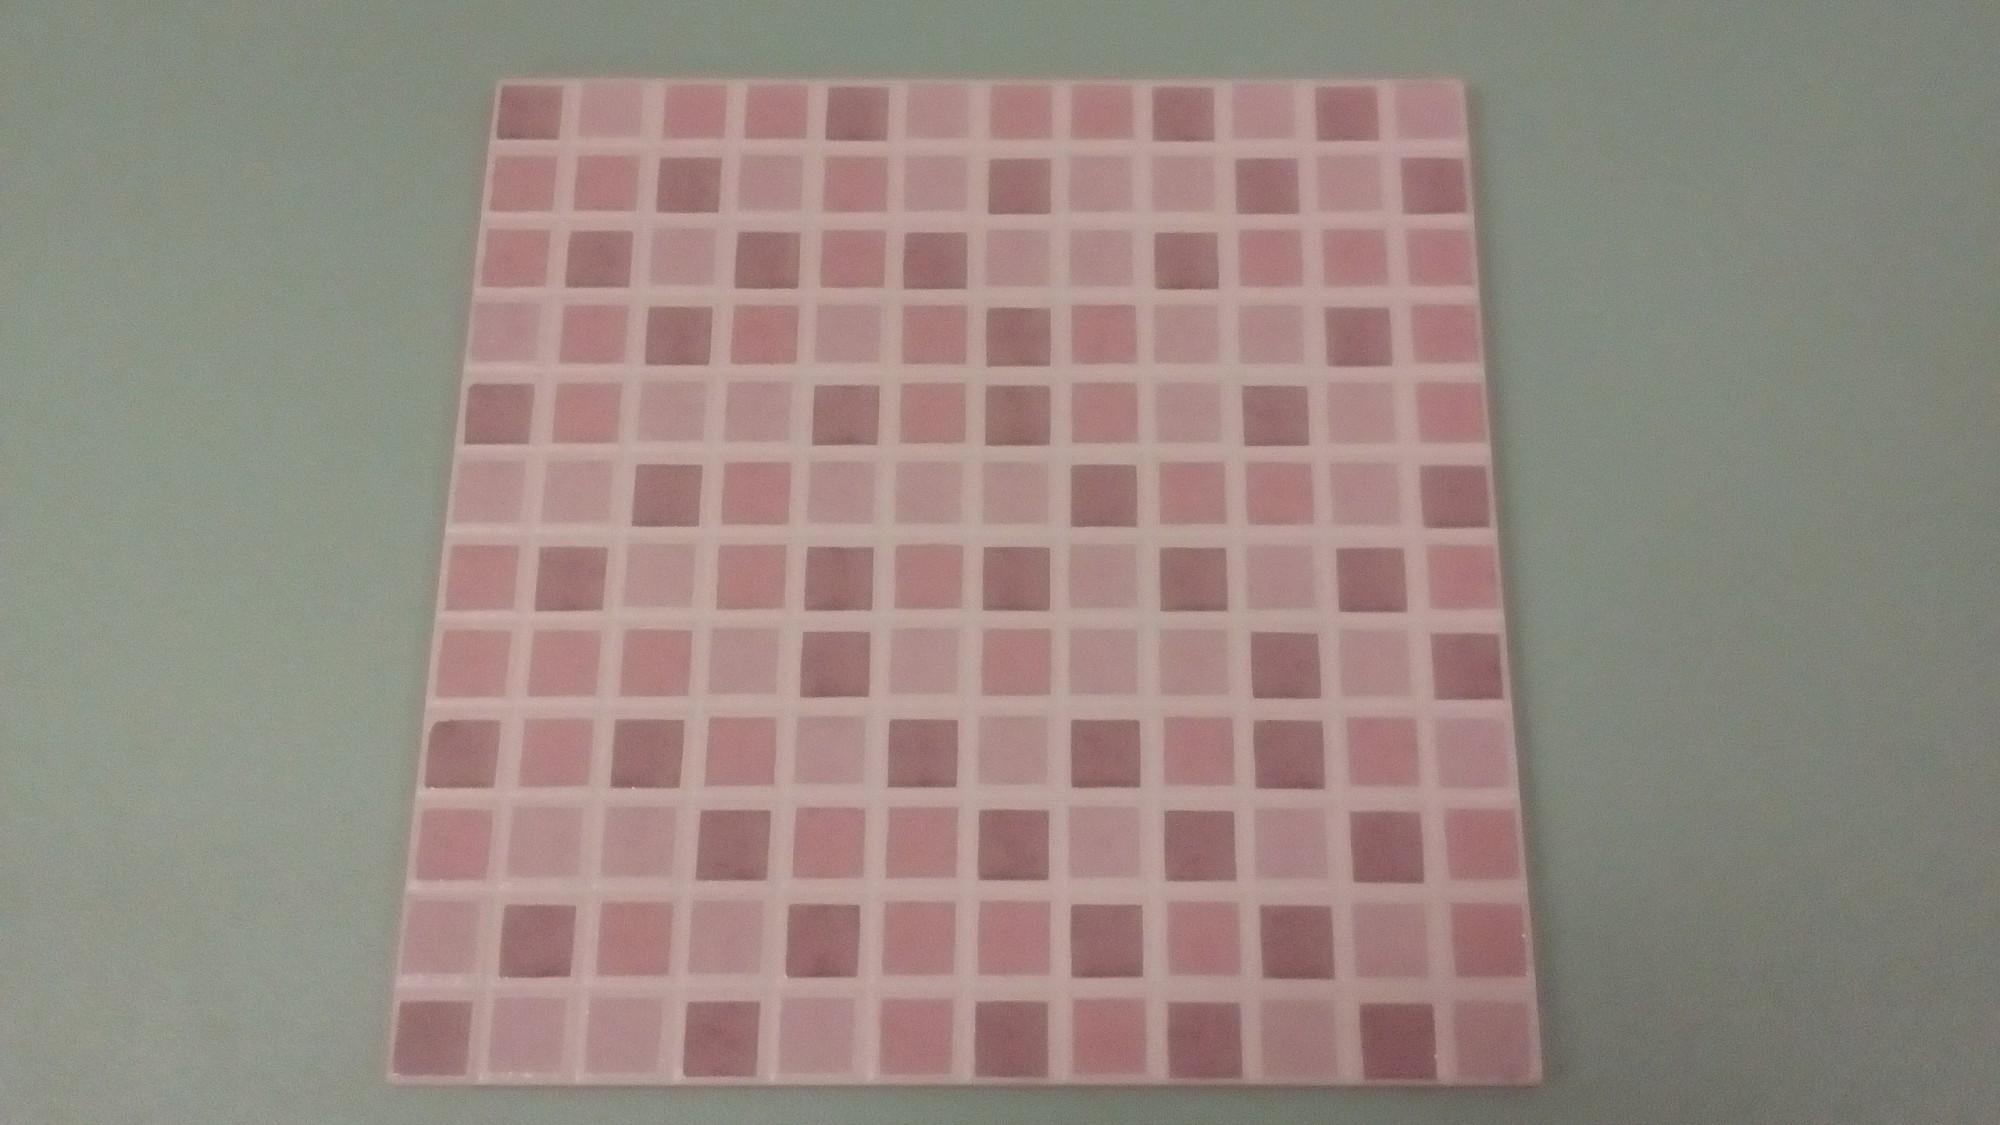 piastrella mosaico 20x20 una delle numerose proposte